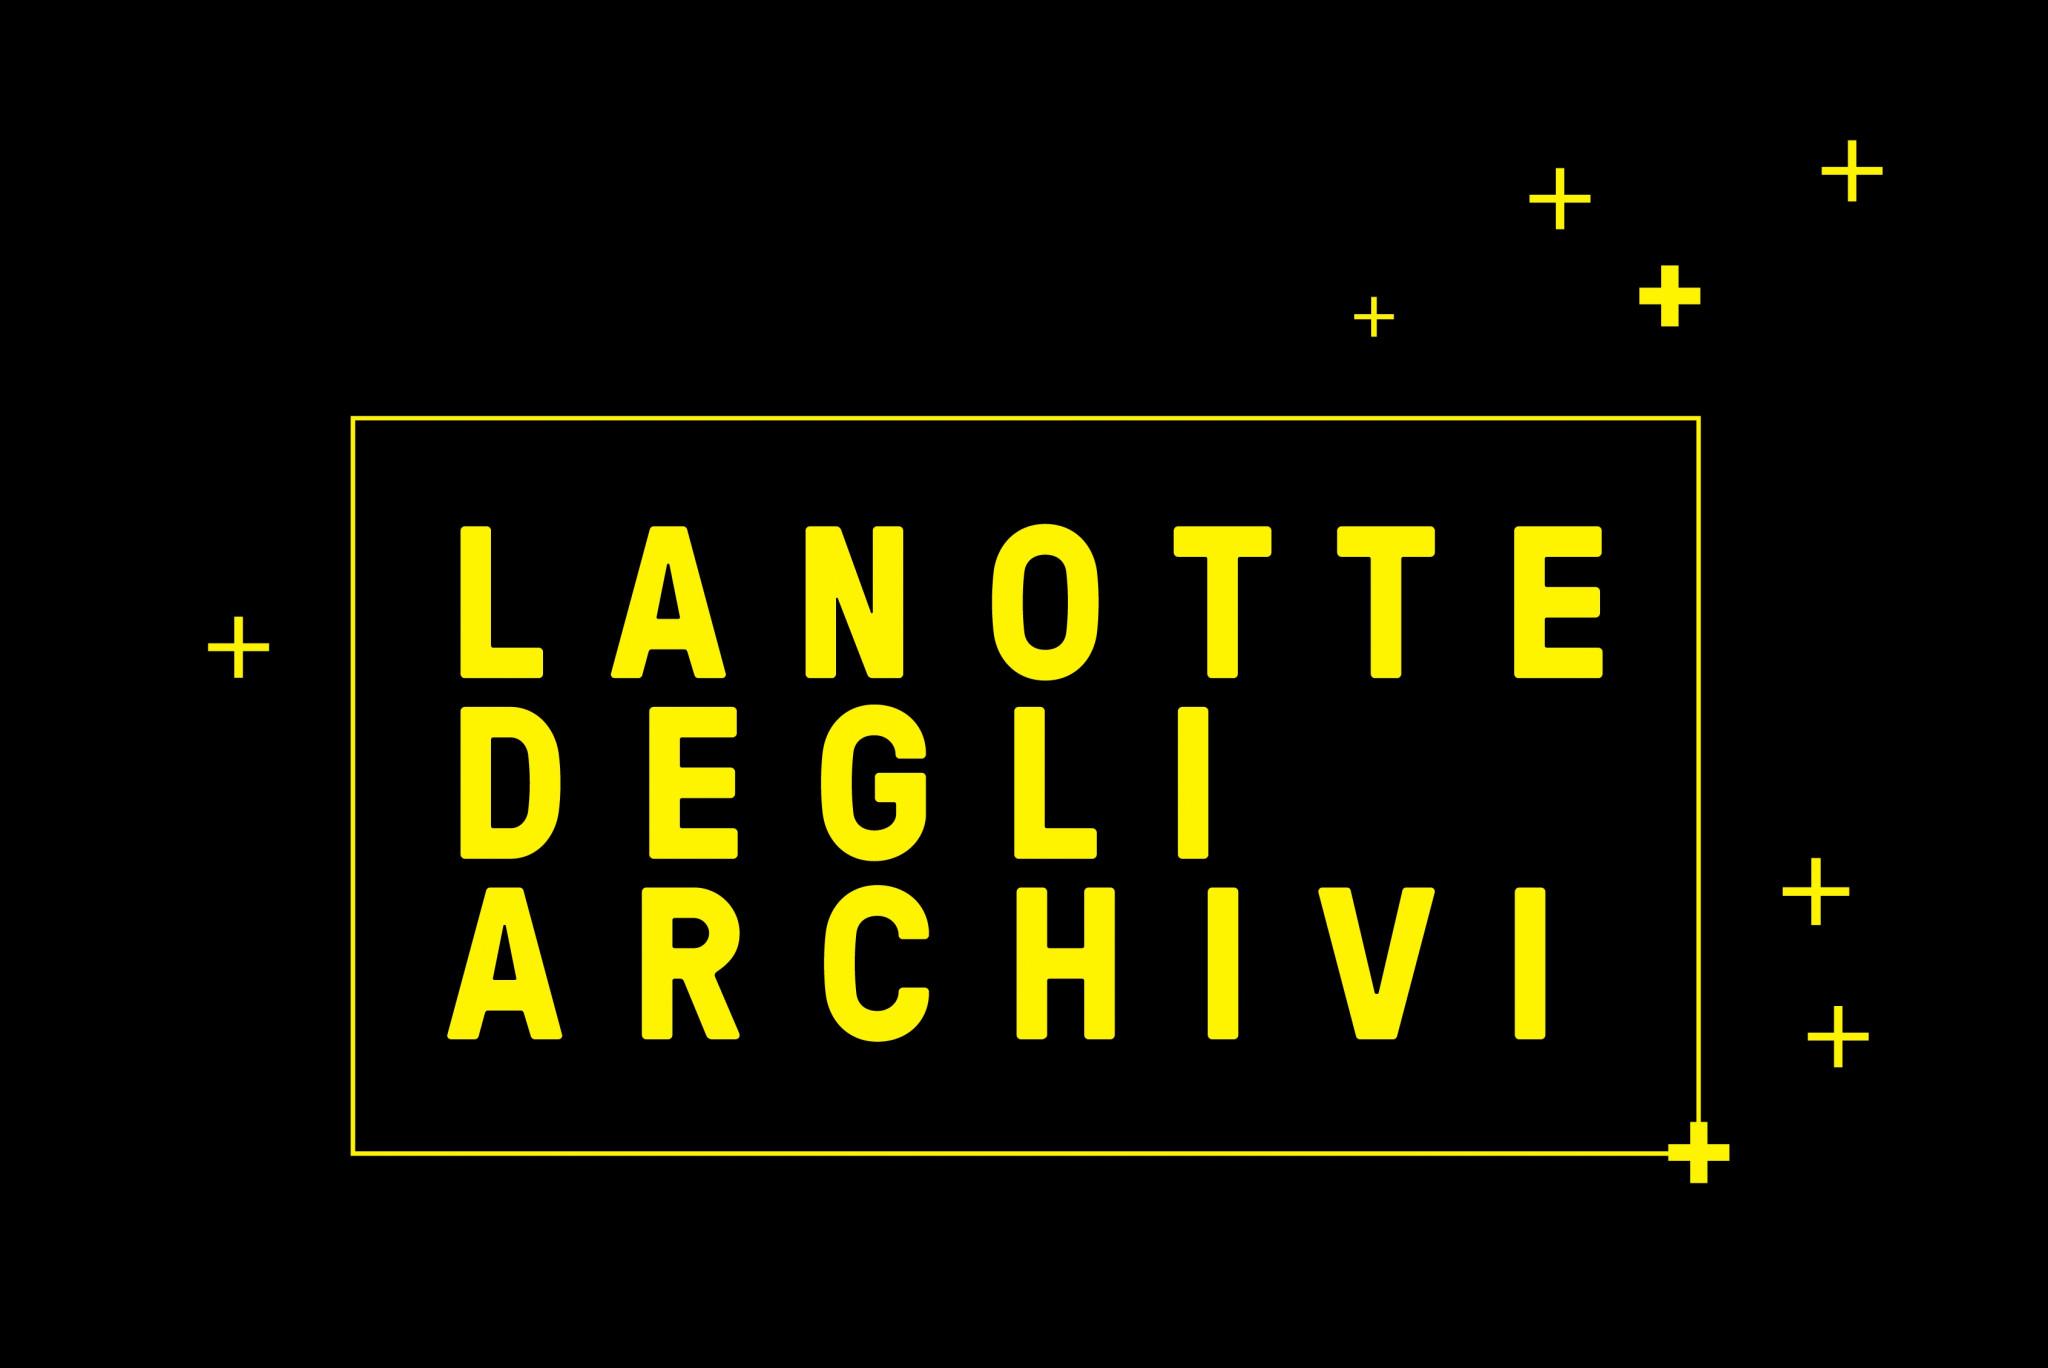 La notte degli archivi a Torino